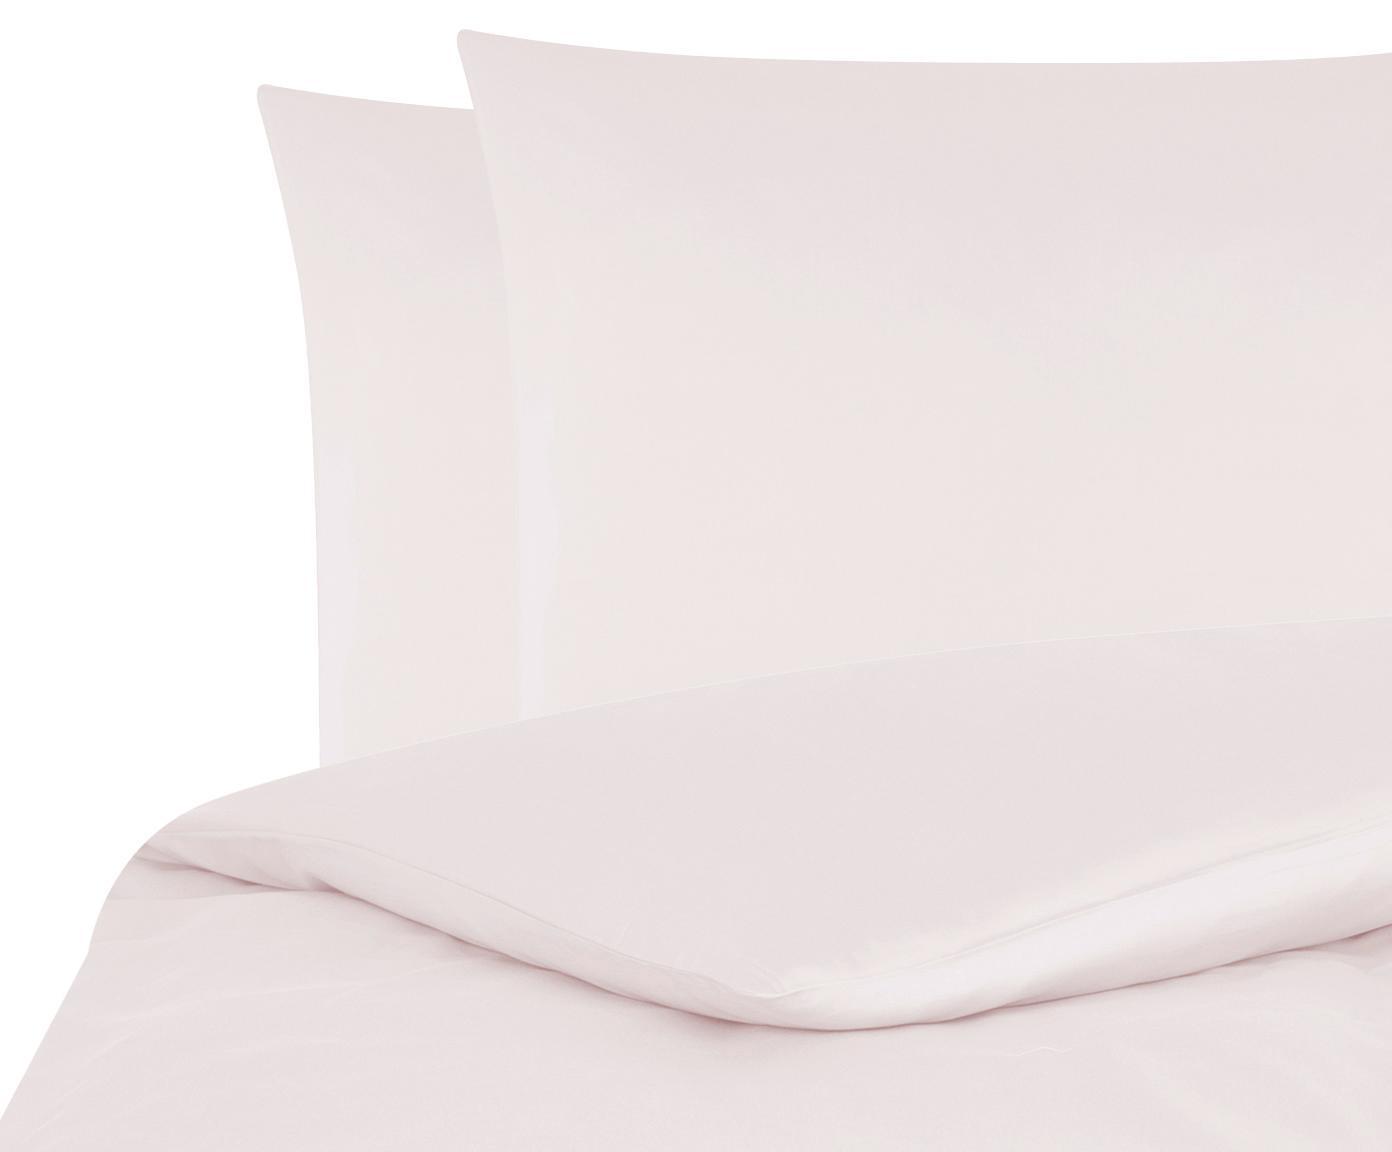 Baumwollsatin-Bettwäsche Comfort in Rosa, Webart: Satin Fadendichte 250 TC,, Rosa, 240 x 220 cm + 2 Kissen 80 x 80 cm